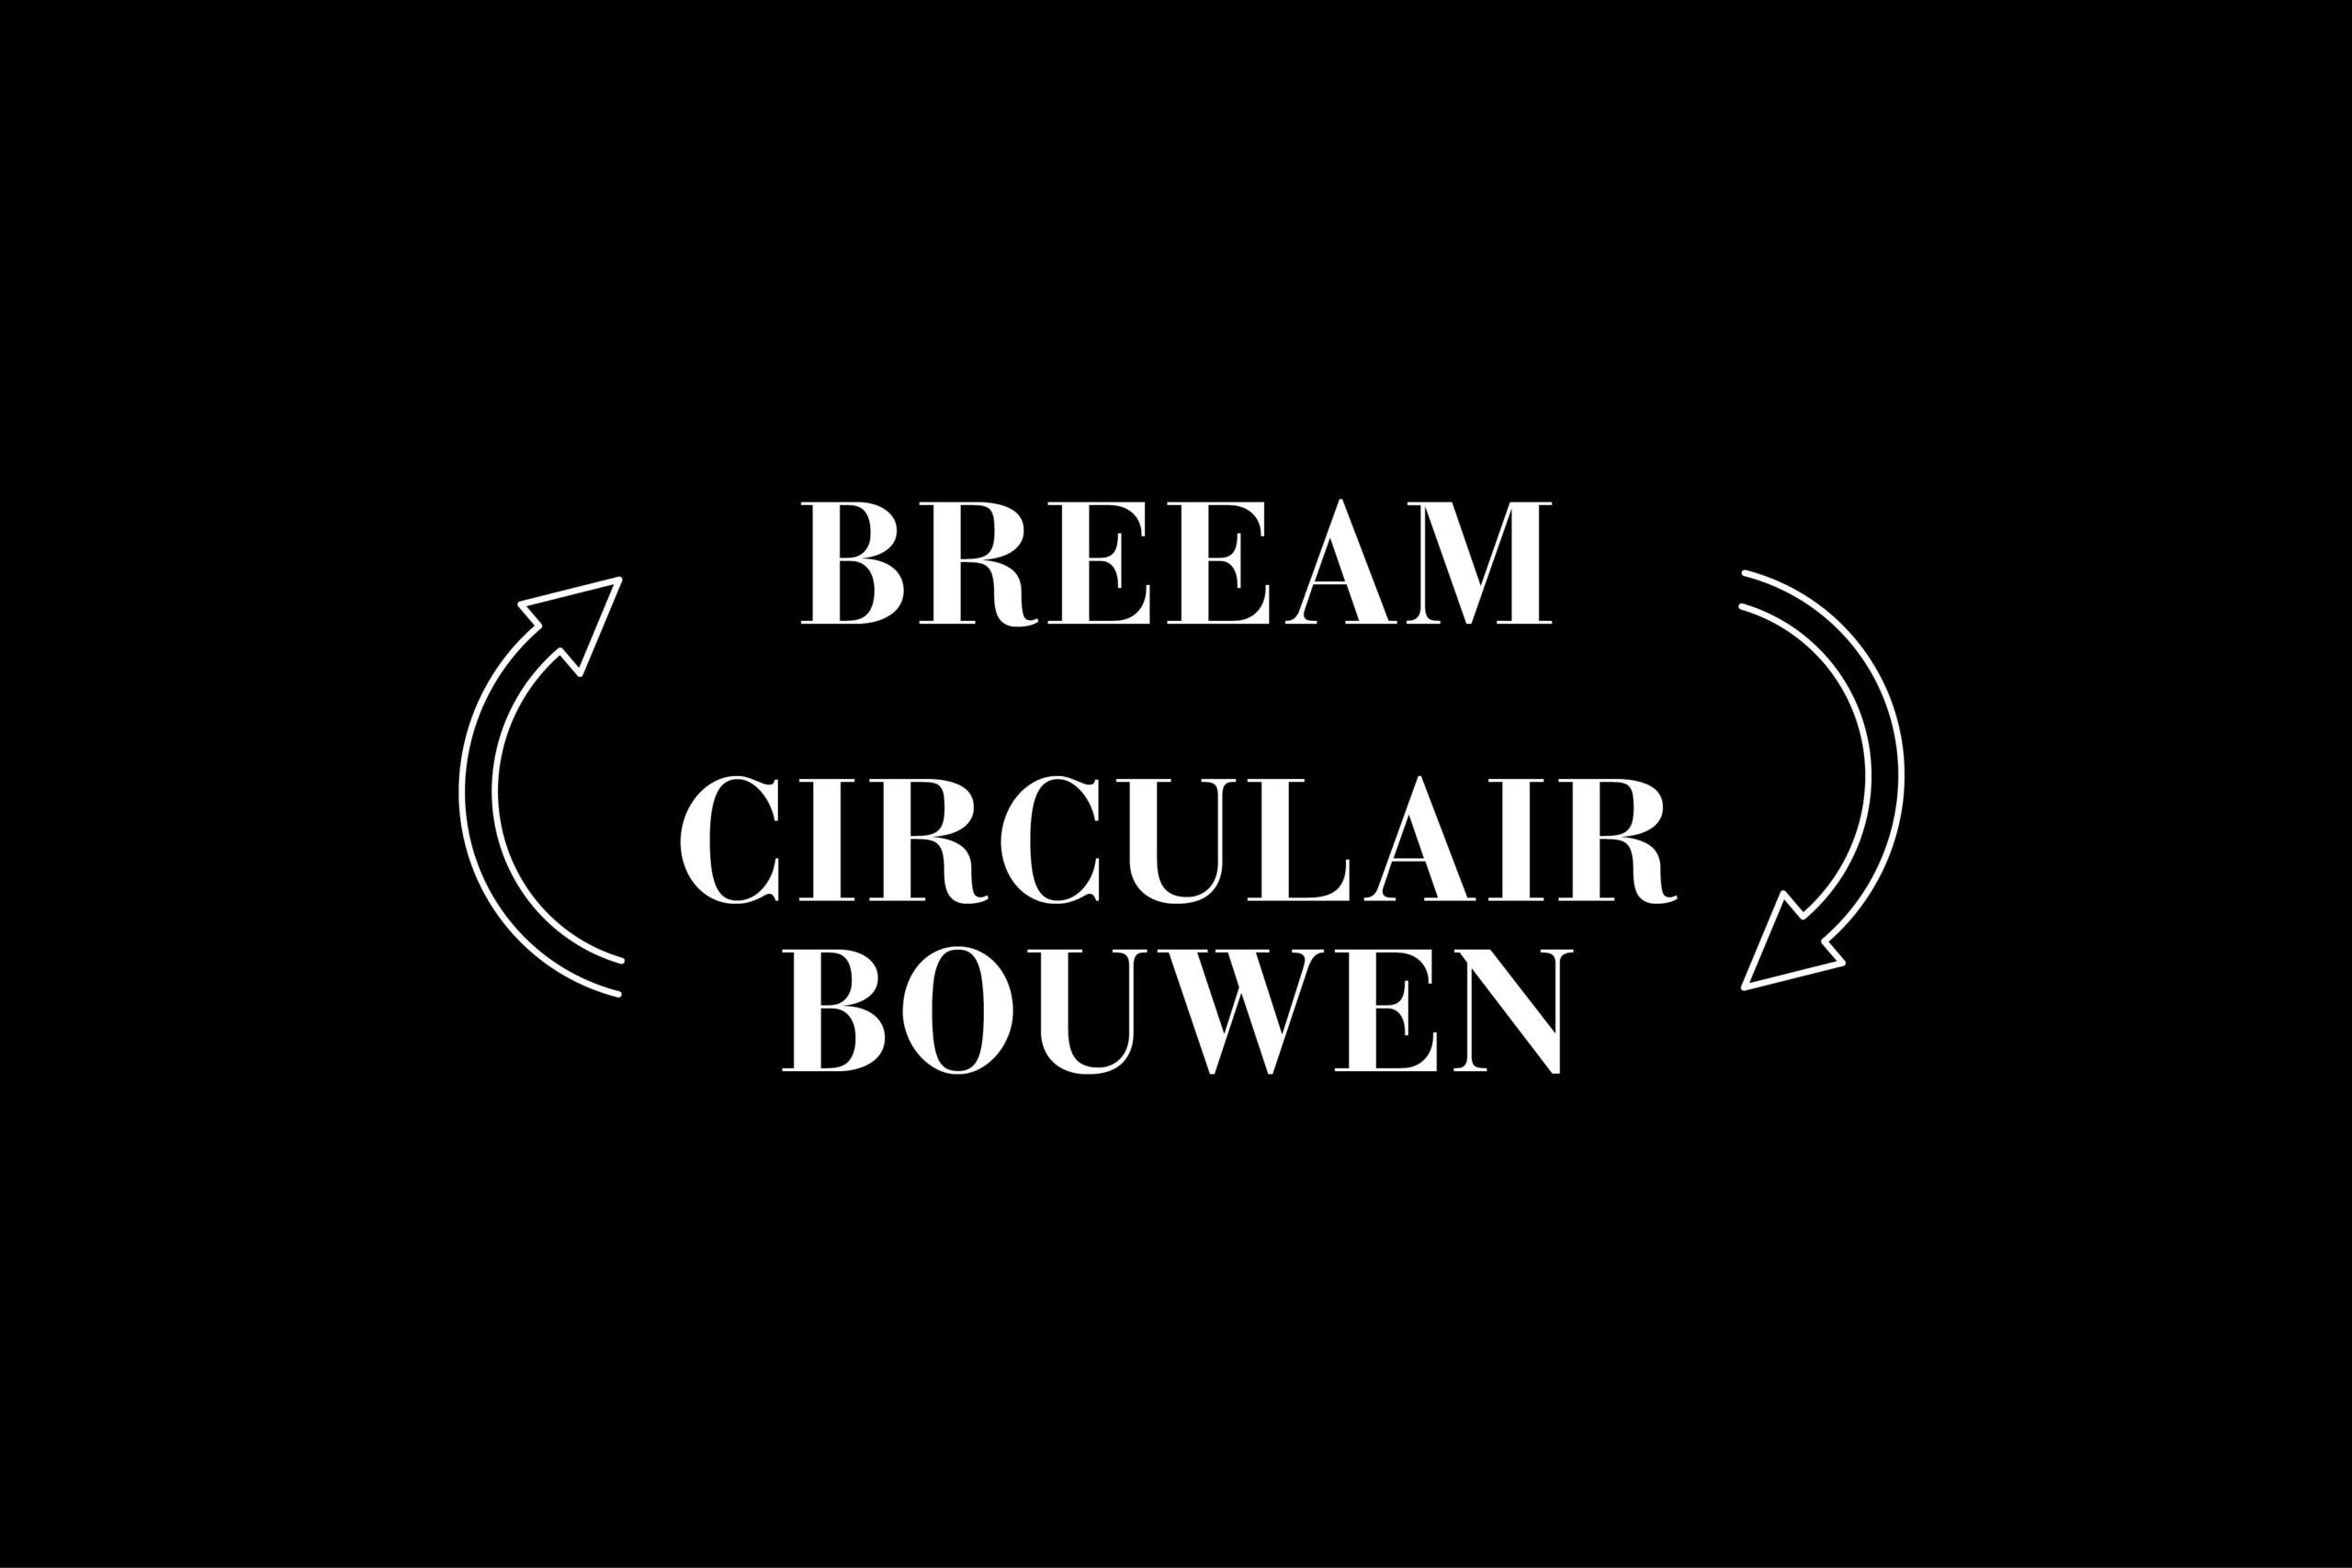 Breeam en Circulair bouwen bij projecten van Metadecor